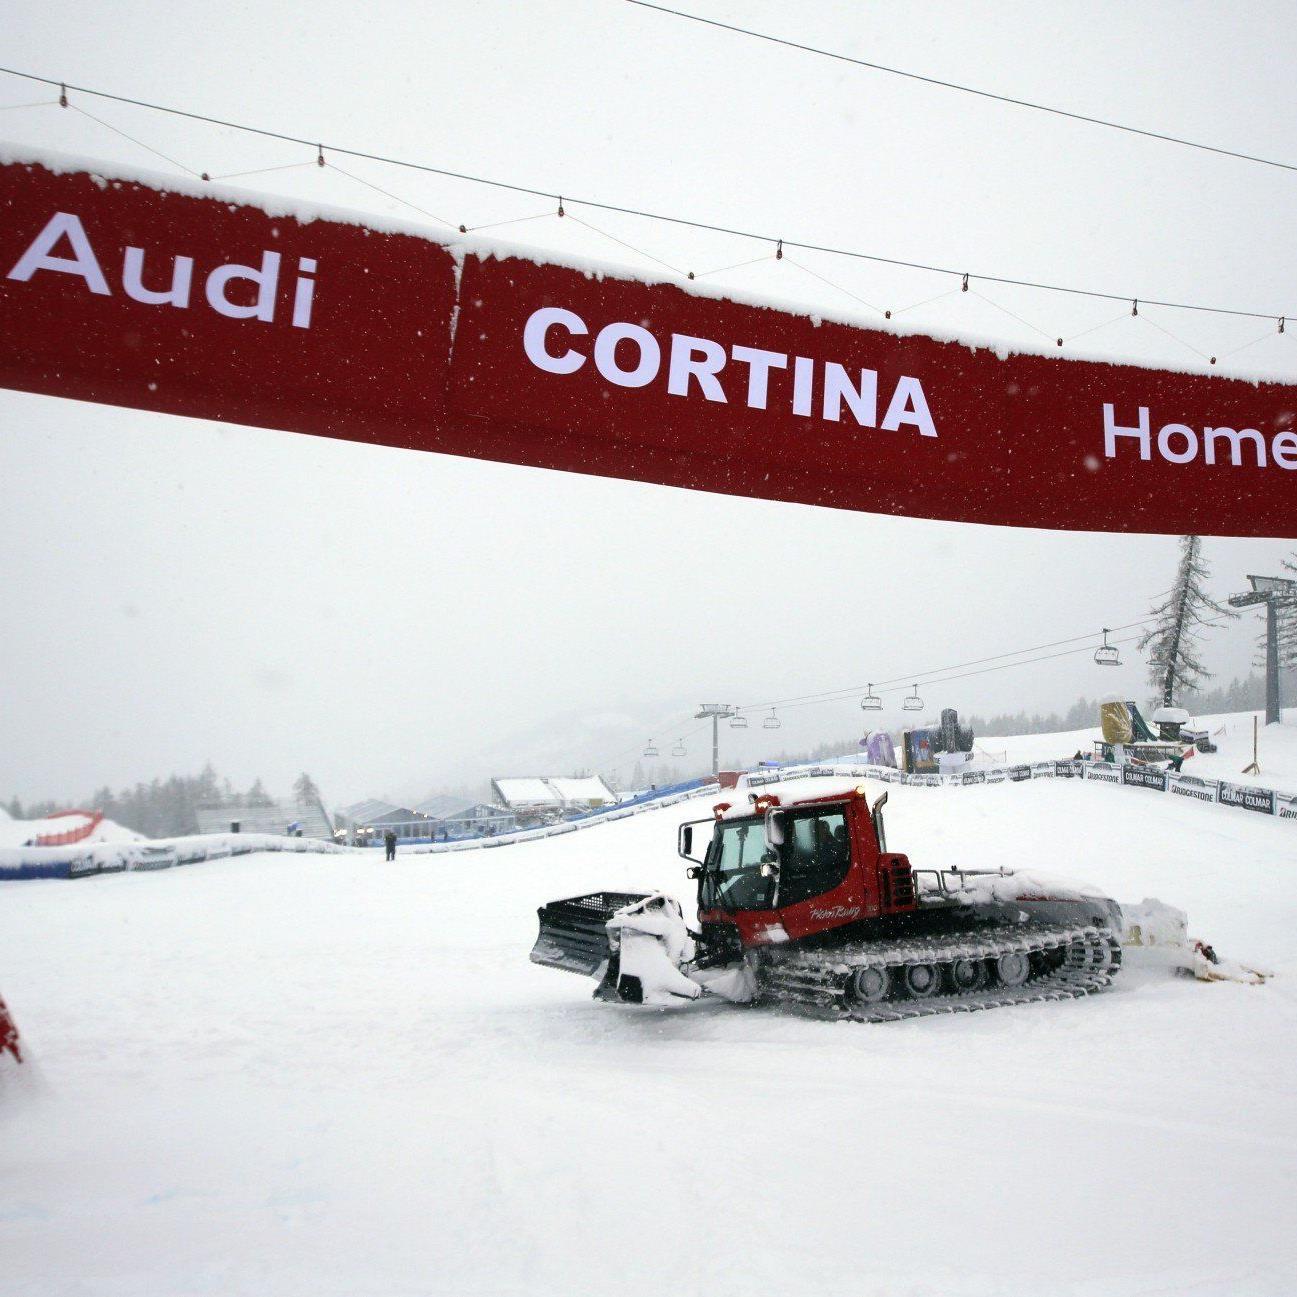 Schlechte Wetteraussichten und weicher Neuschnee - an eine Abfahrt in Cortina d'Ampezzo war nicht zu denken.